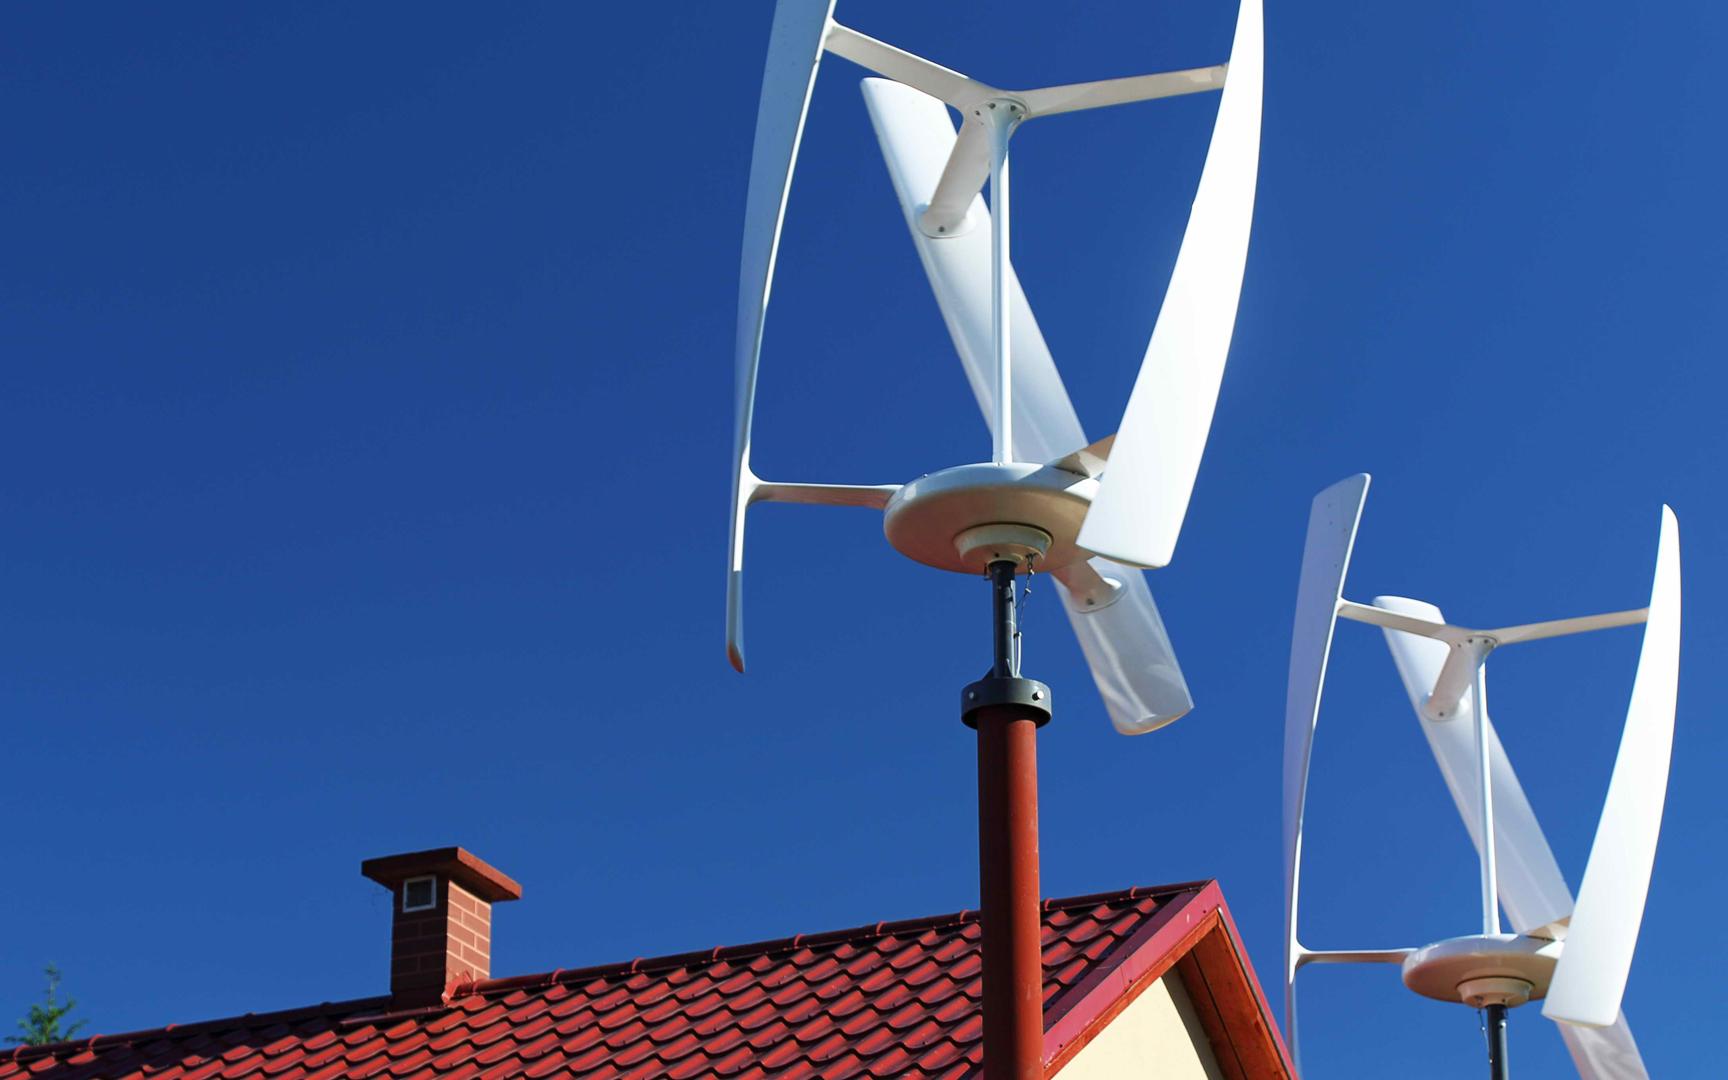 Ветрогенератор вертикальный сделать своими руками фото 824